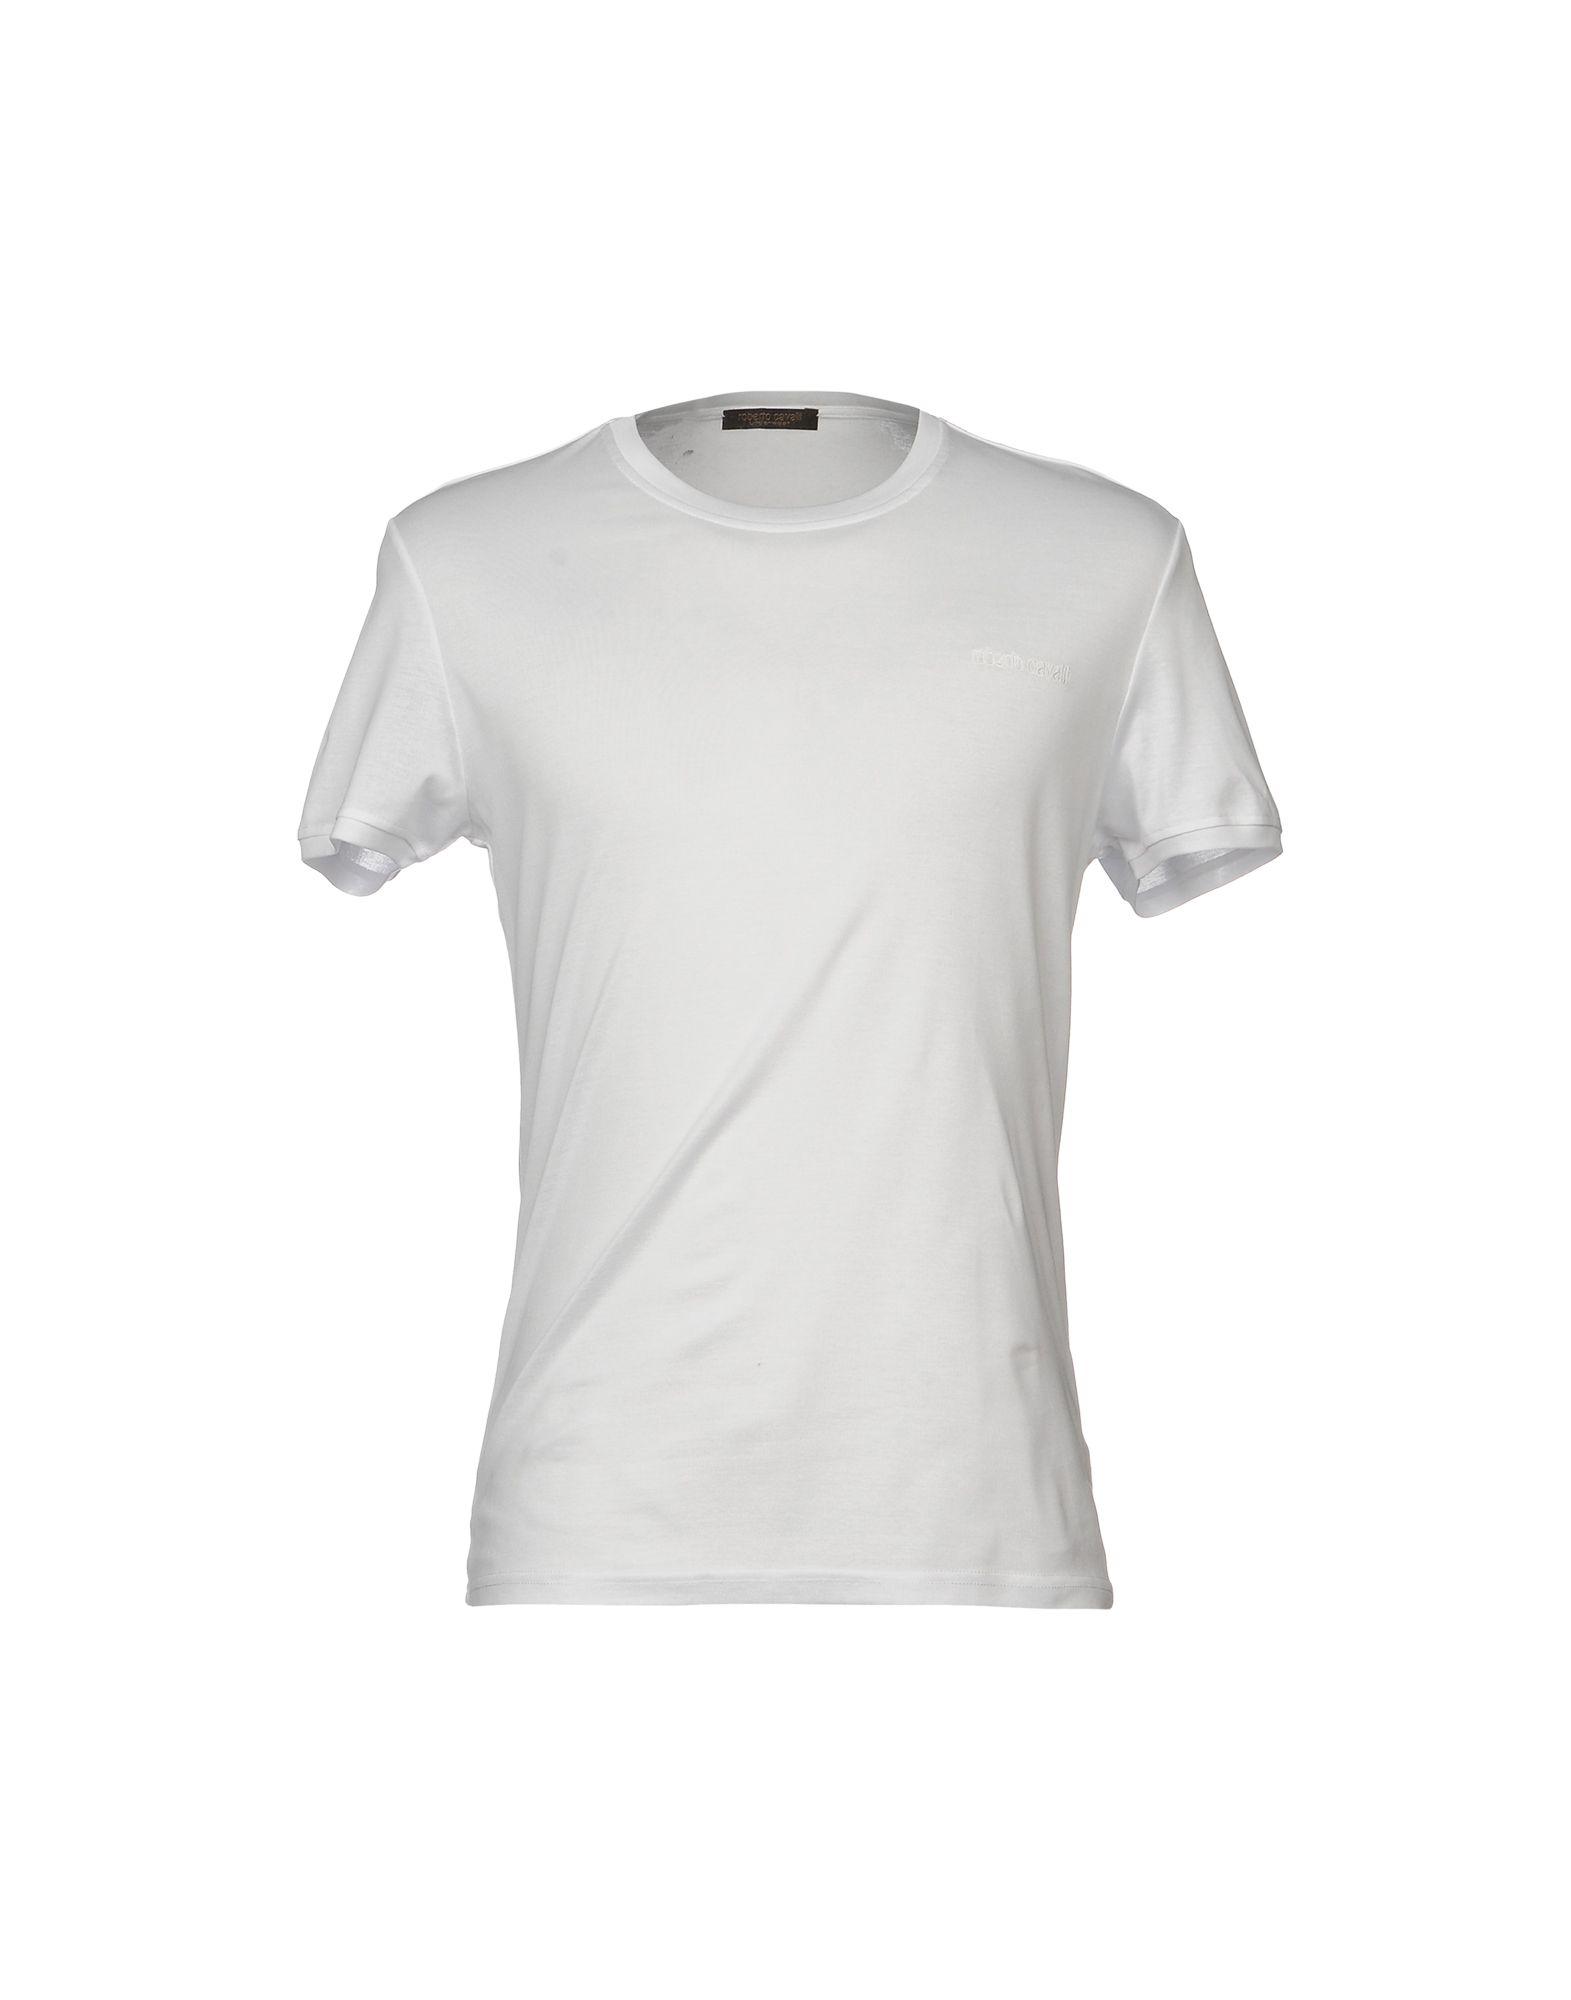 ROBERTO CAVALLI UNDERWEAR Undershirts in White